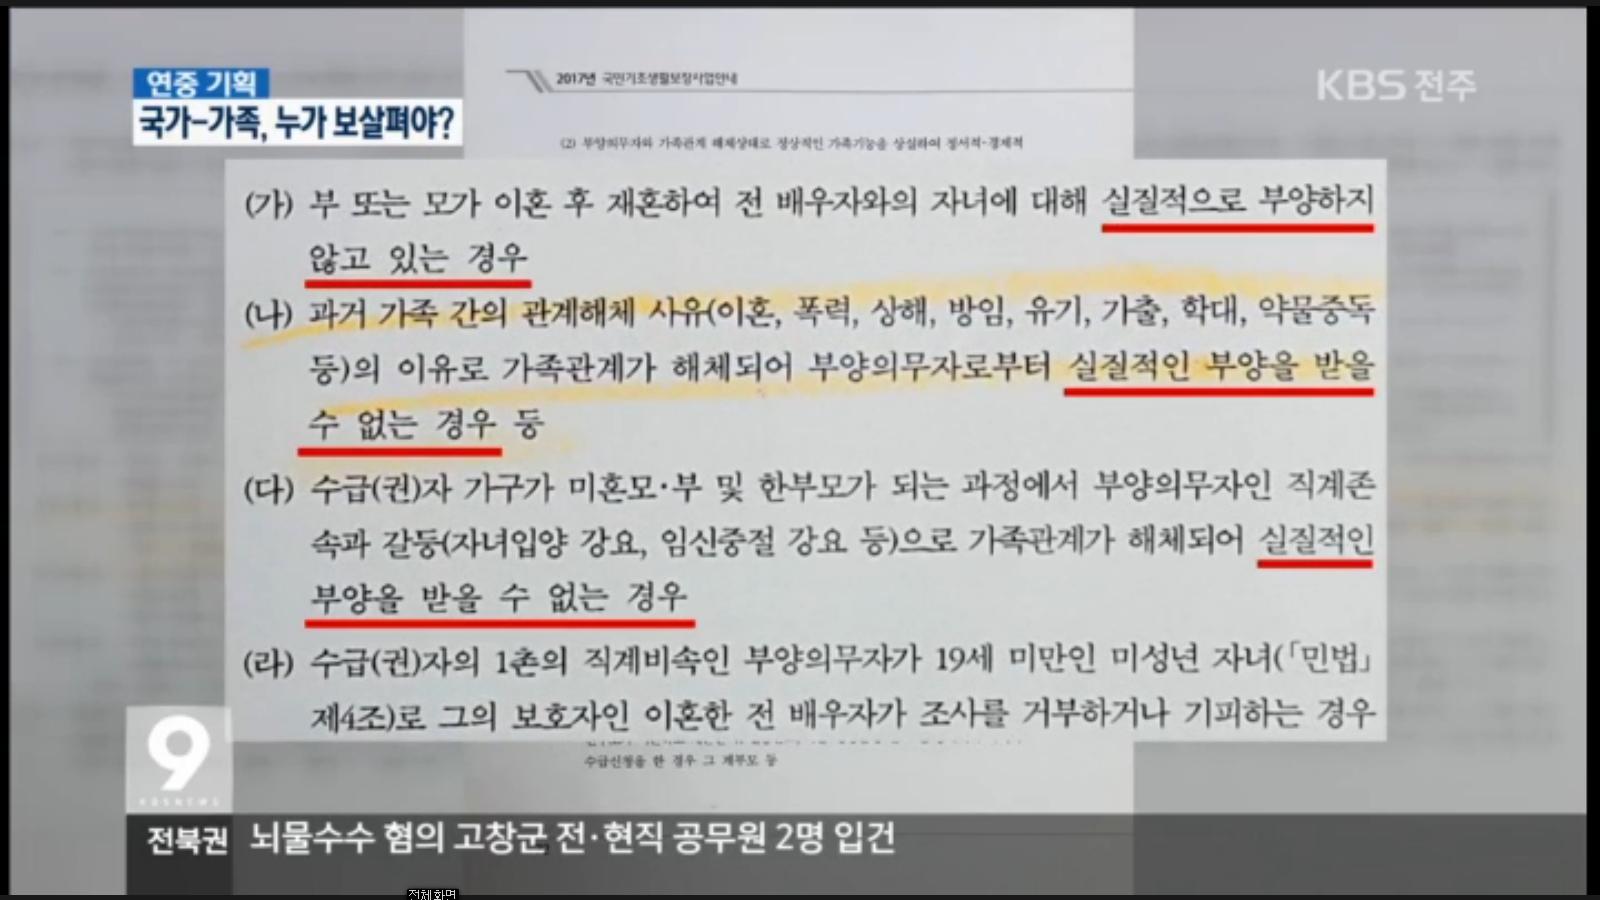 [17.2.23 KBS전주] 가난한 노년, 누가 보살펴야 부양의무제 폐지해야2.jpg